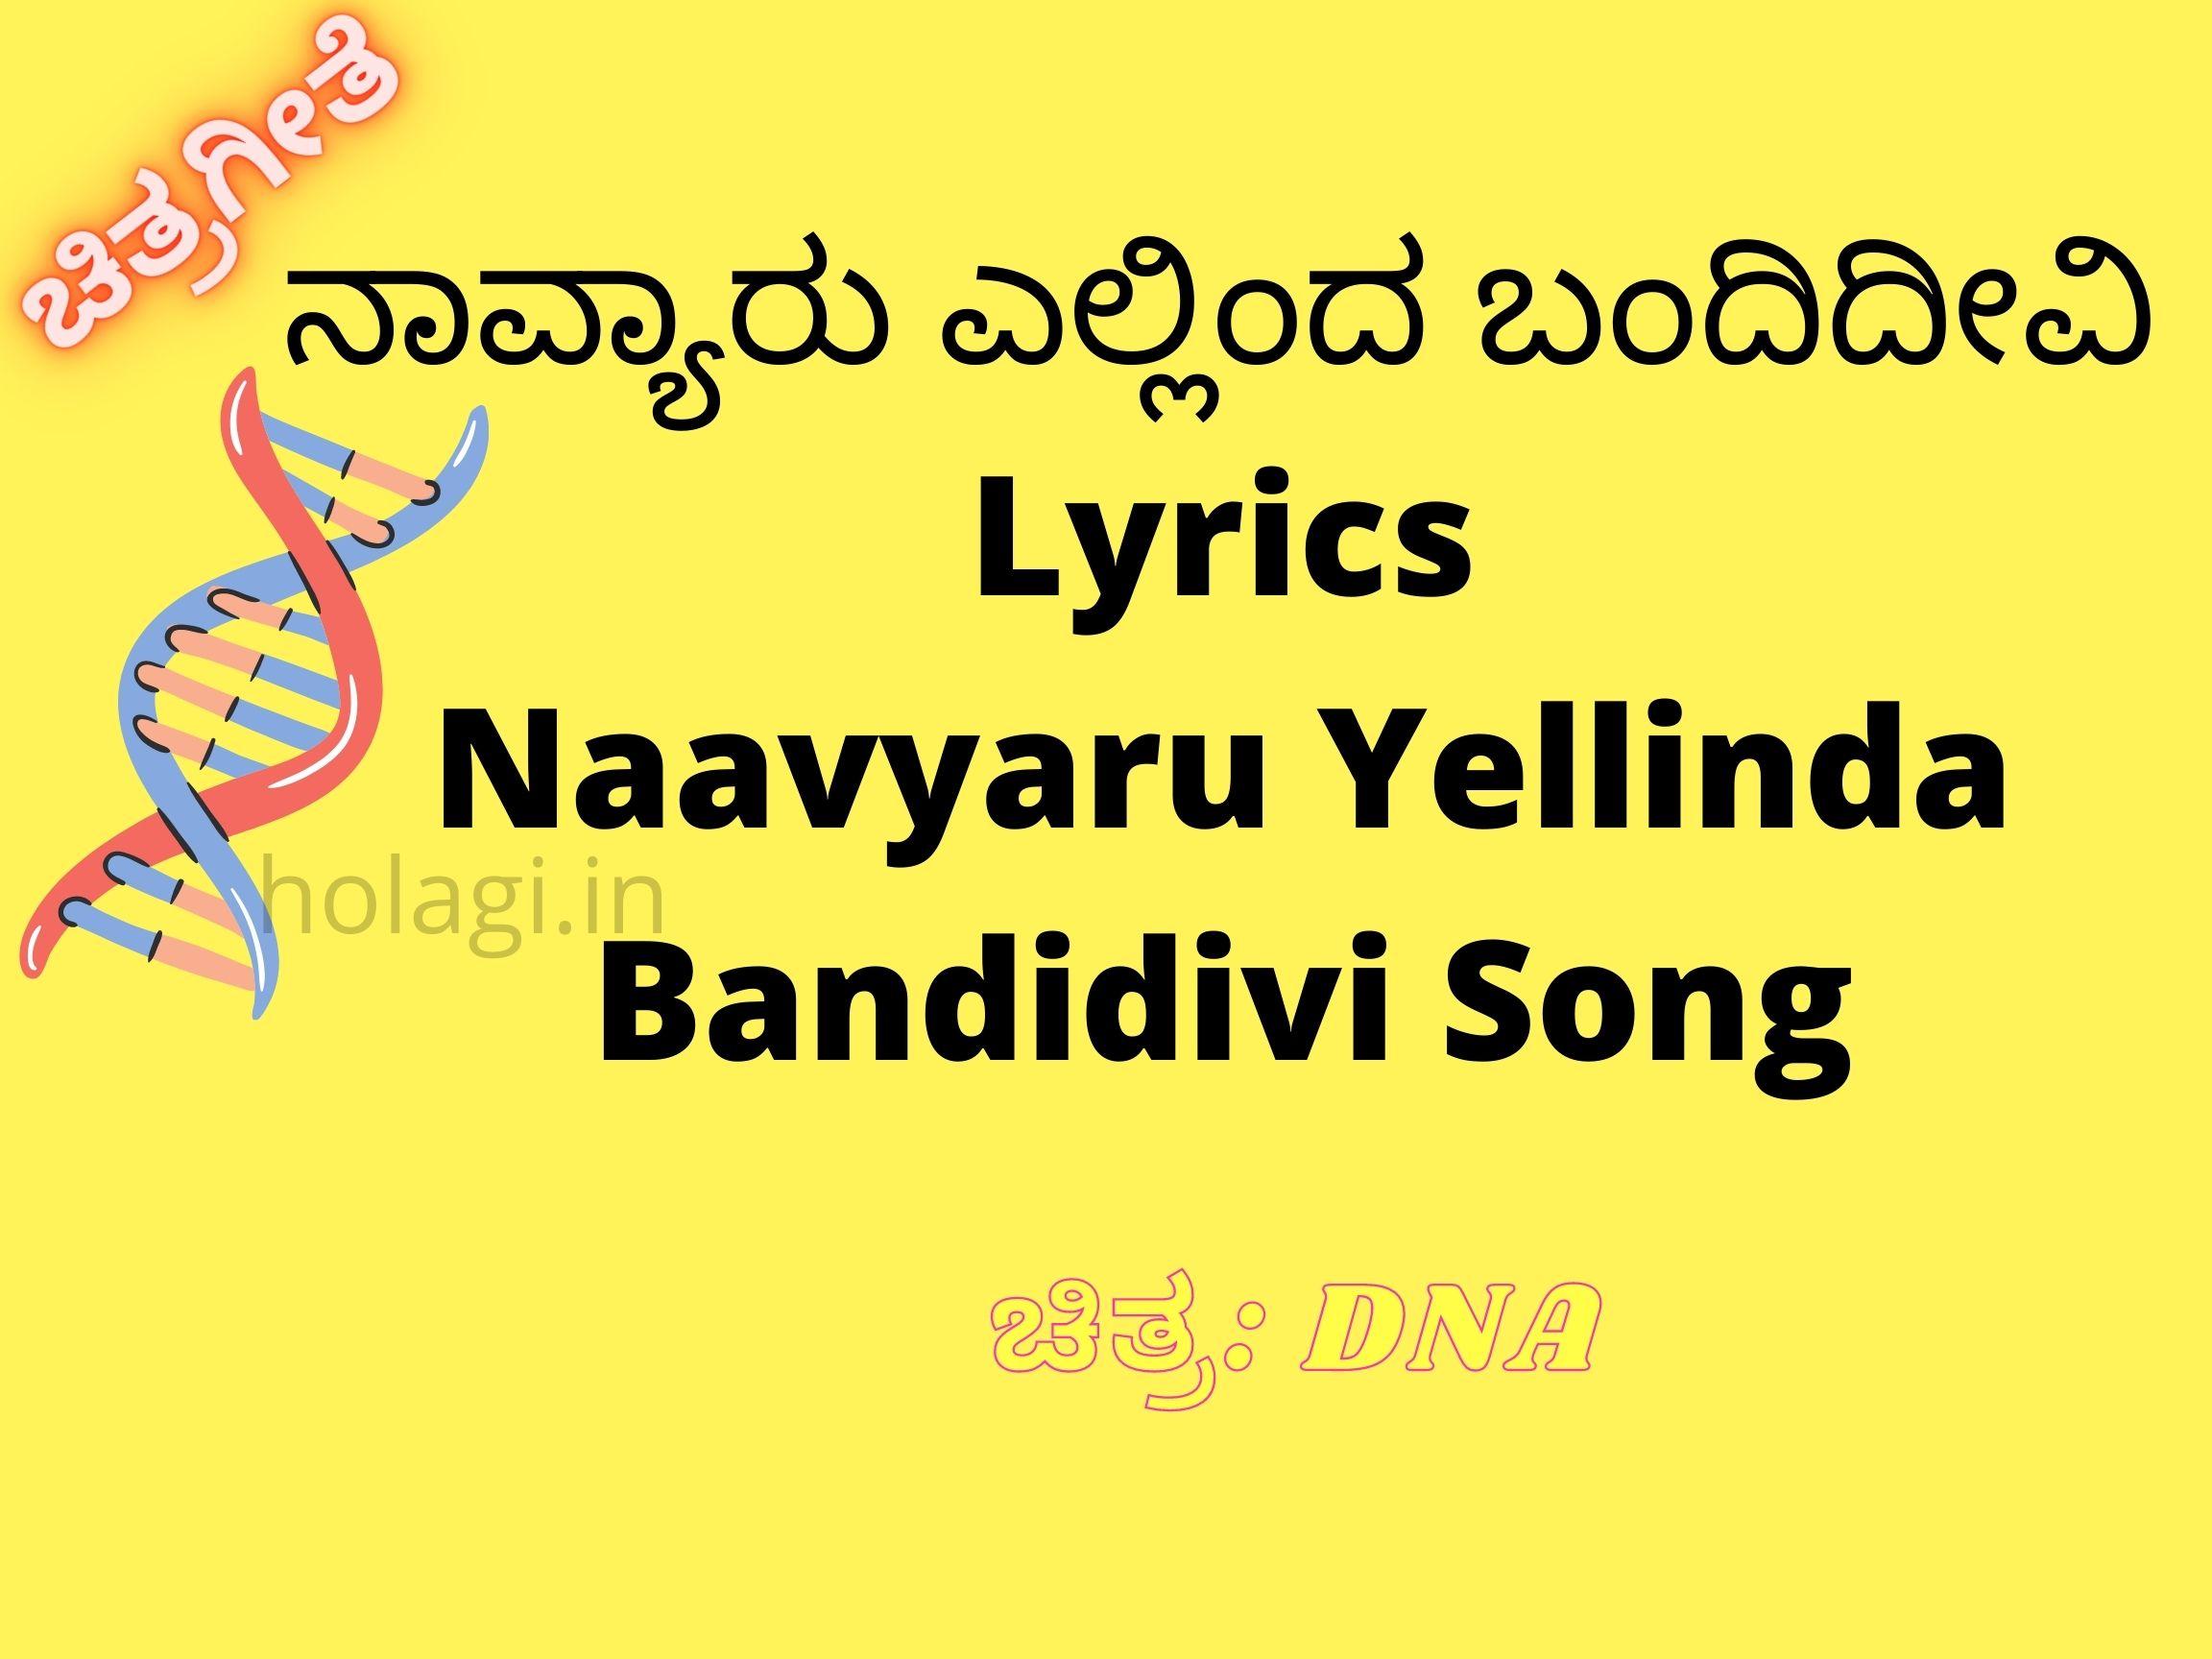 Naavyaaru Yellinda Bandidivi Song Lyrics Kannada English Download